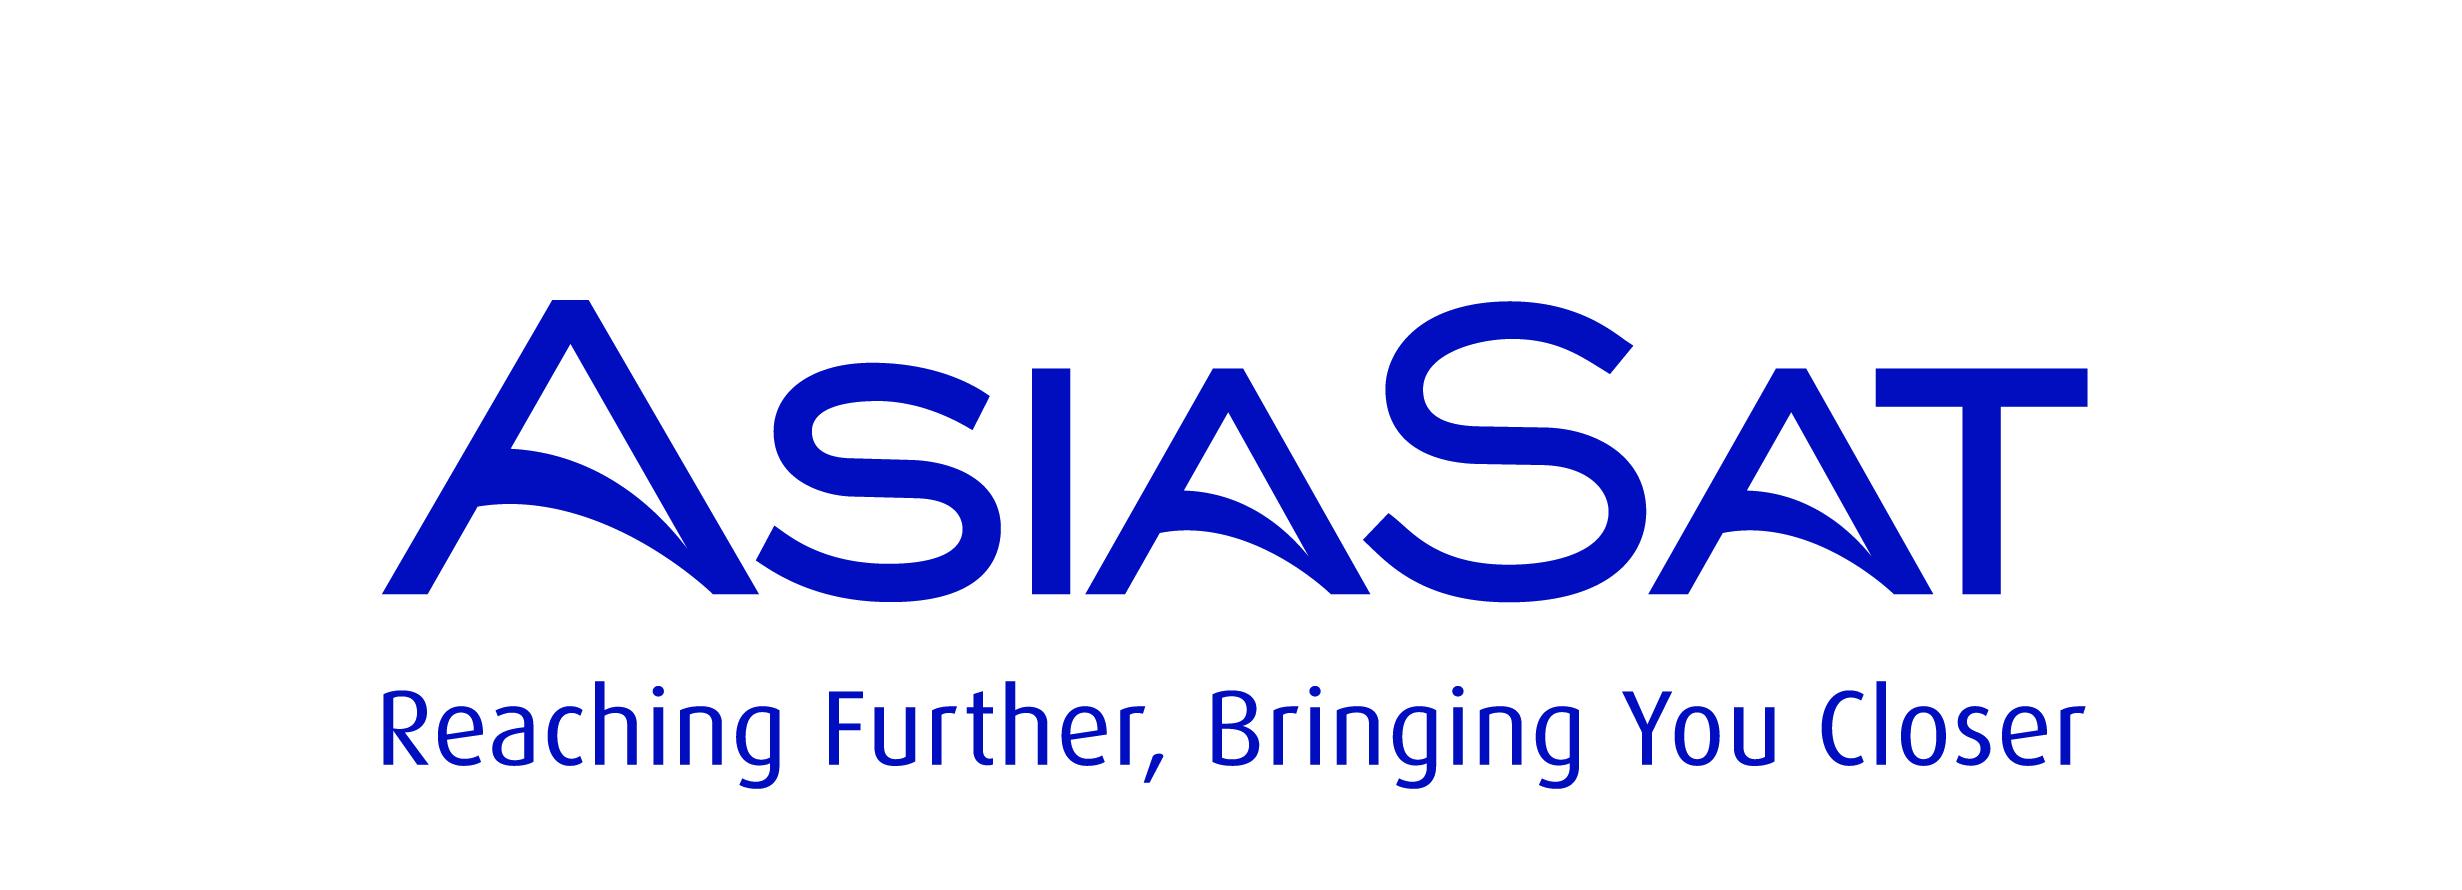 AsiaSat